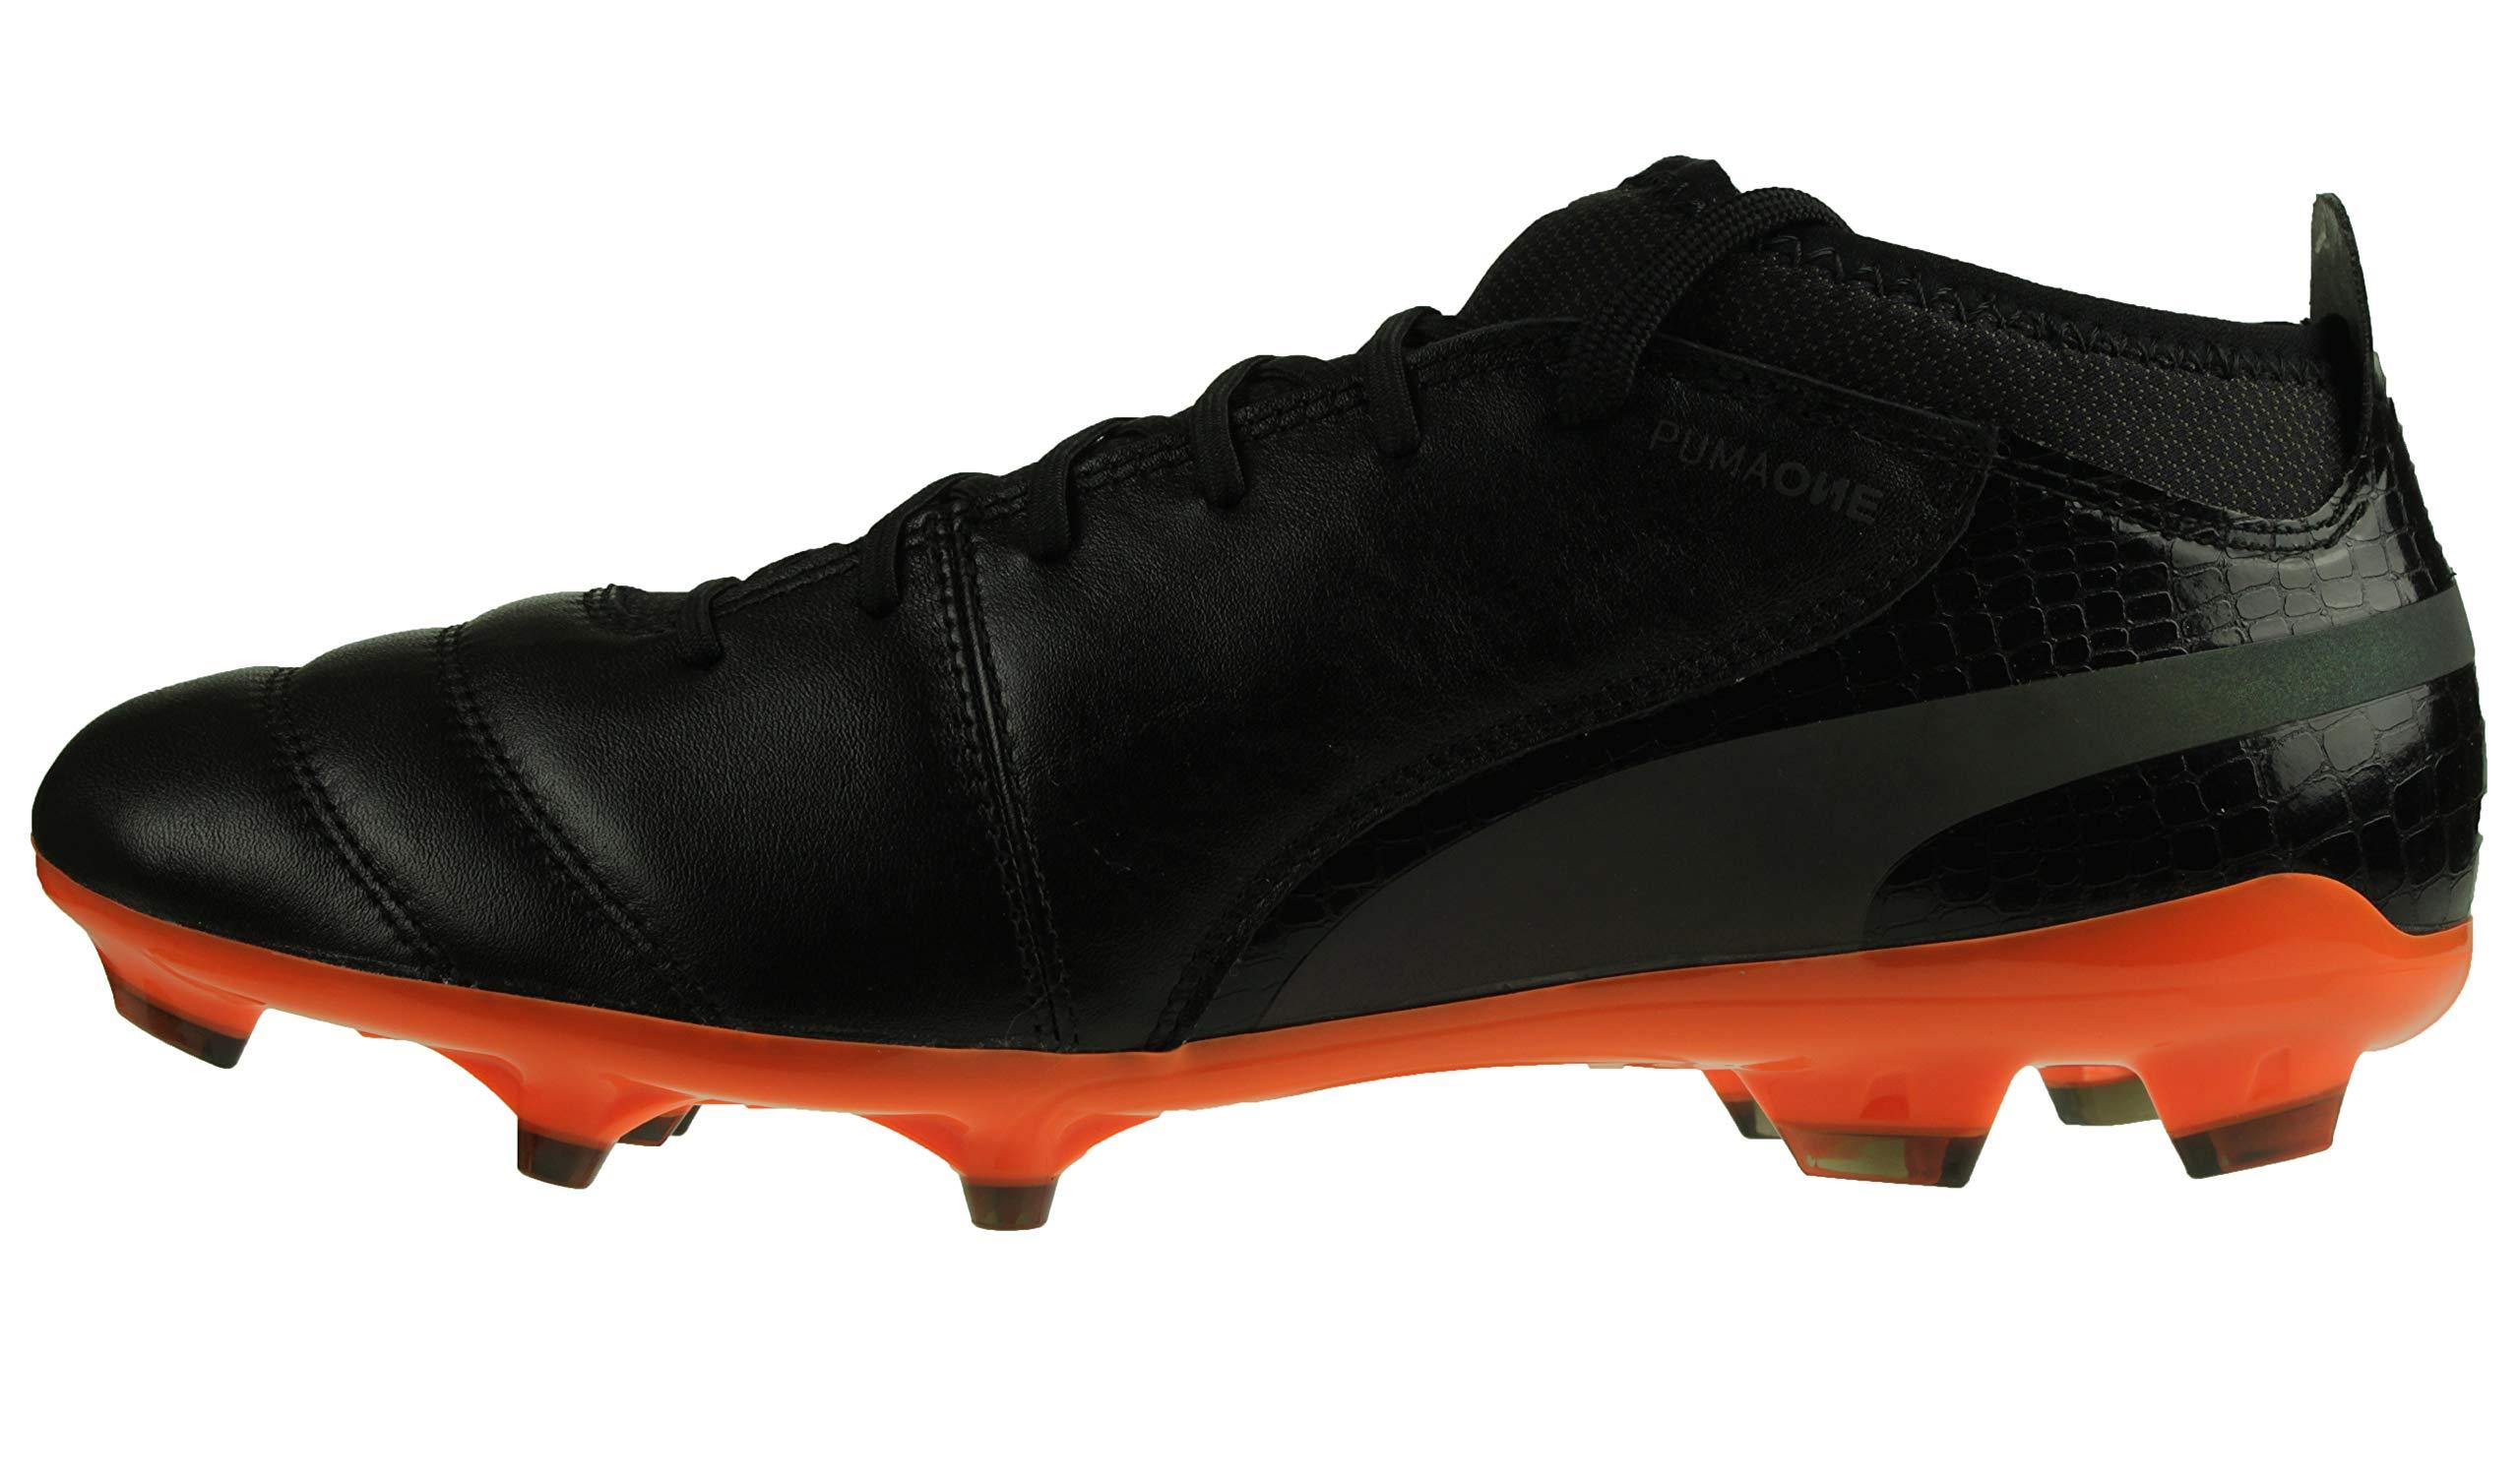 Football 2 Schwarz Puma De Eu FgChaussures HommeNoir orange41 Lux One T13KJcFl